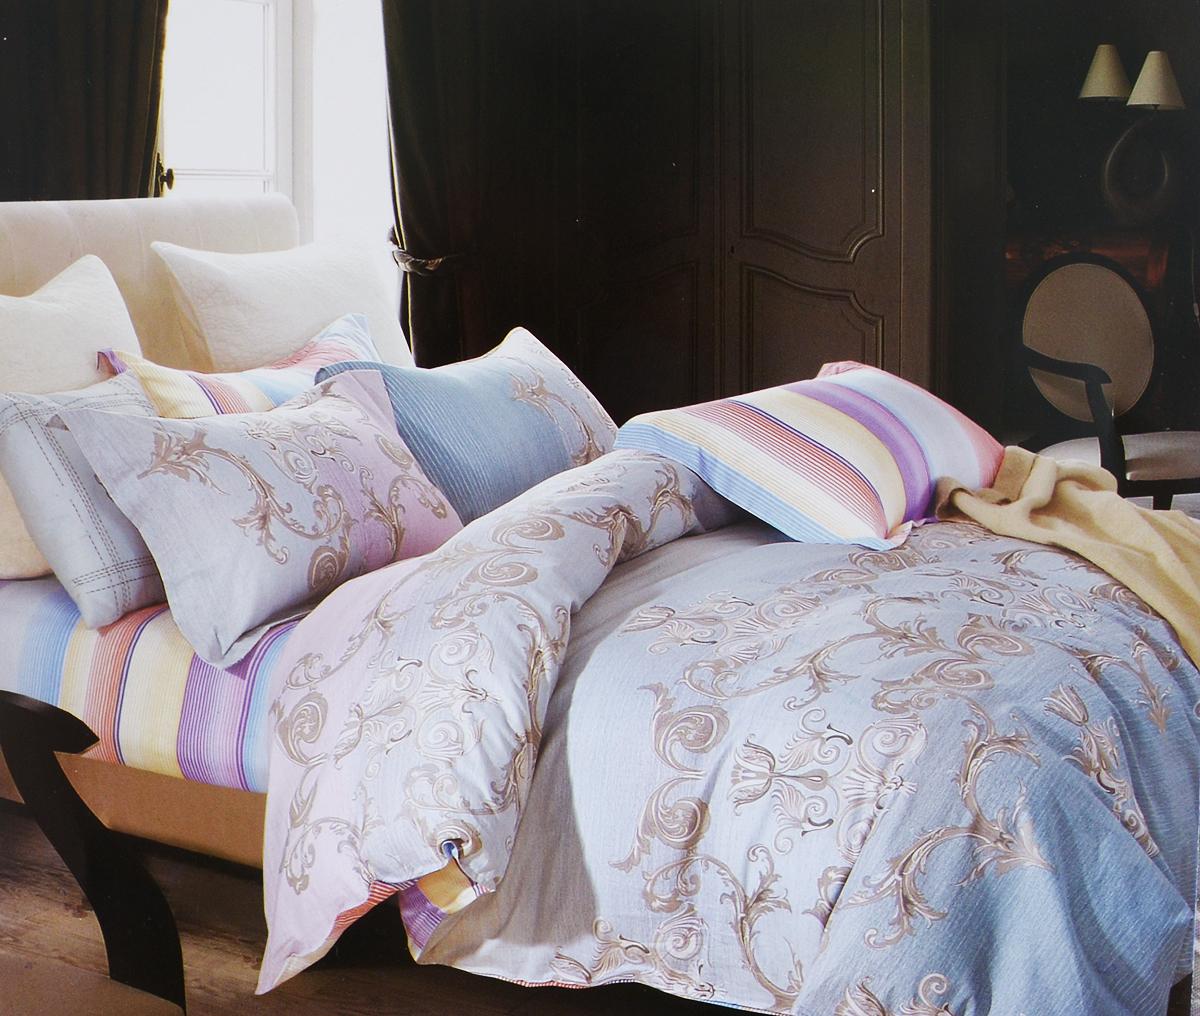 Комплект белья Arya Paola, 2-спальный, наволочки 50х70, 70х70TR1002016Роскошный комплект постельного белья Arya Paola состоит из пододеяльника, простыни и 4 наволочек, выполненных из сатина (100% хлопка). Сатин - прочная и плотная ткань с диагональным переплетением нитей. Сатиновое постельное белье легко переносит стирку в горячей воде, не выцветает, не соскальзывает с кровати и приятно на ощупь.Благодаря такому комплекту постельного белья вы создадите неповторимую атмосферу в вашей спальне.